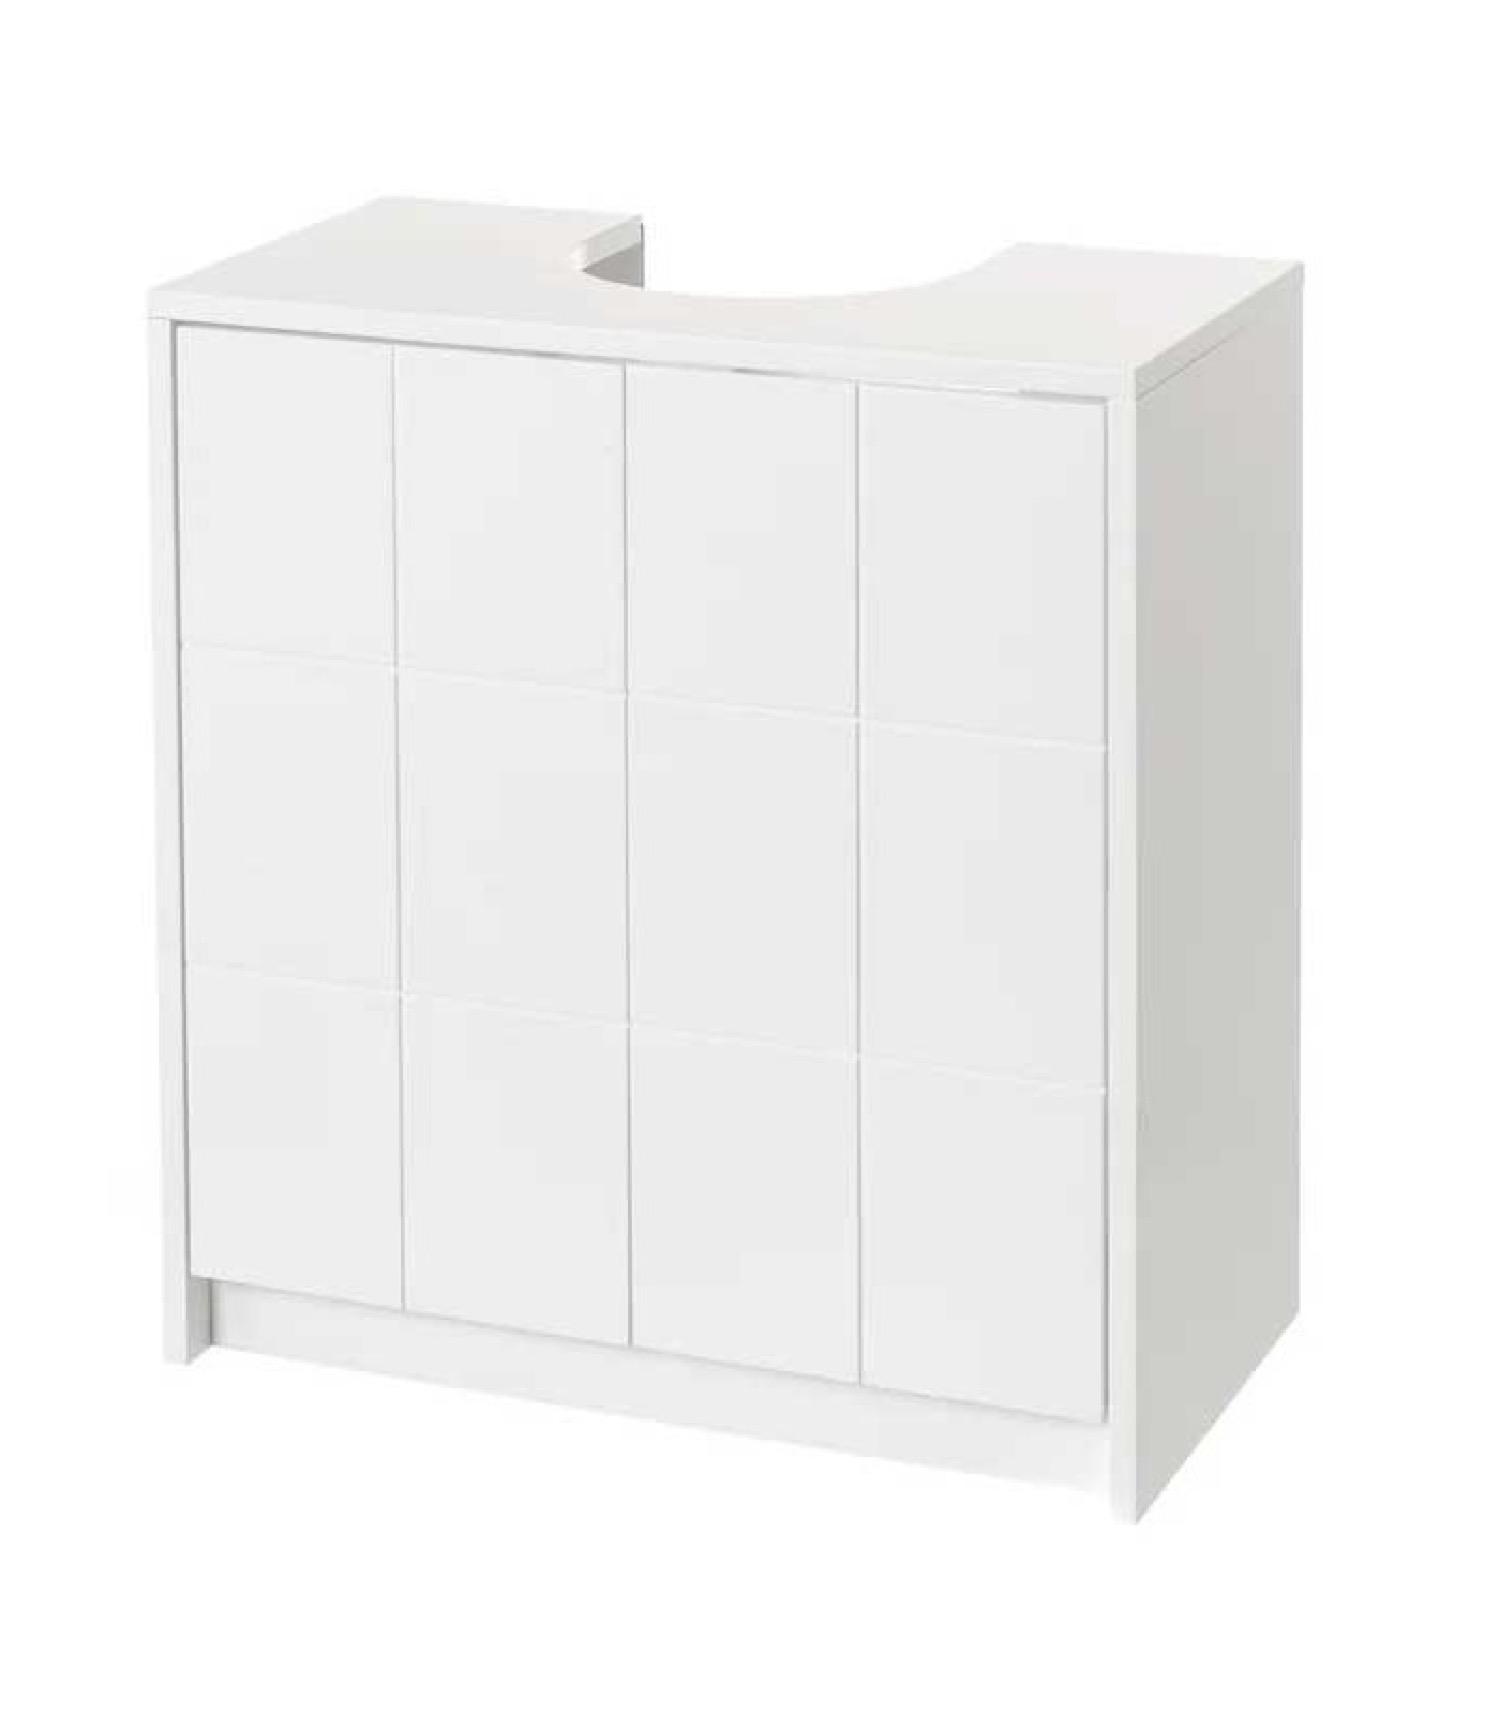 Meuble salle de bain sous lavabo/vasque en bois blanc 2 portes